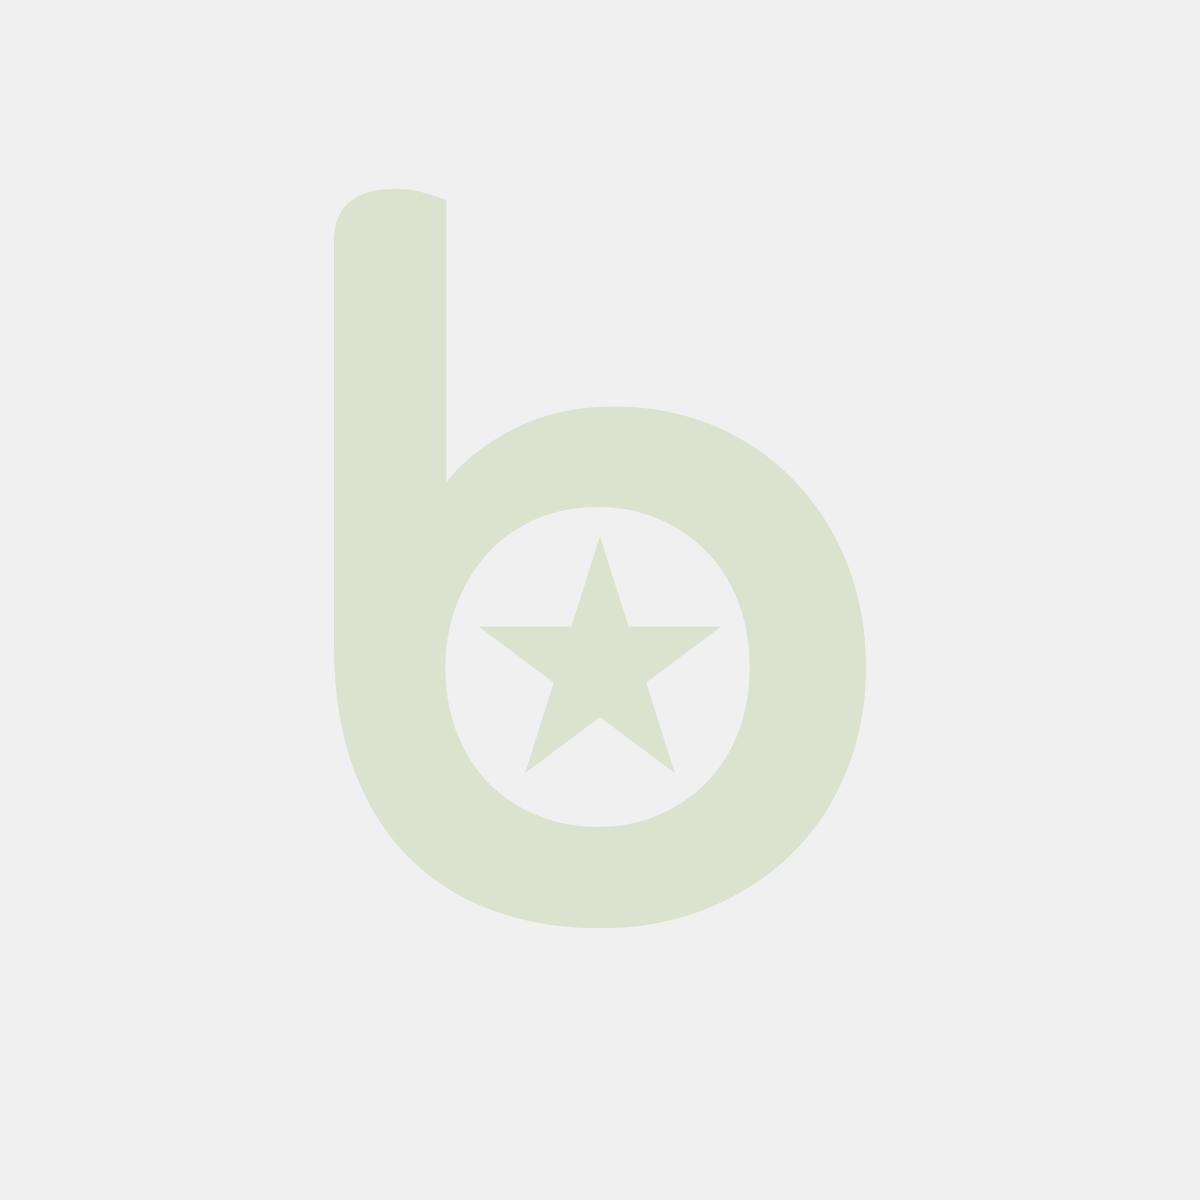 FINGERFOOD - trójkątny talerzyk na przekąski 7,7 x 9,5 x 9,5 cm czarny op. 50 sztuk